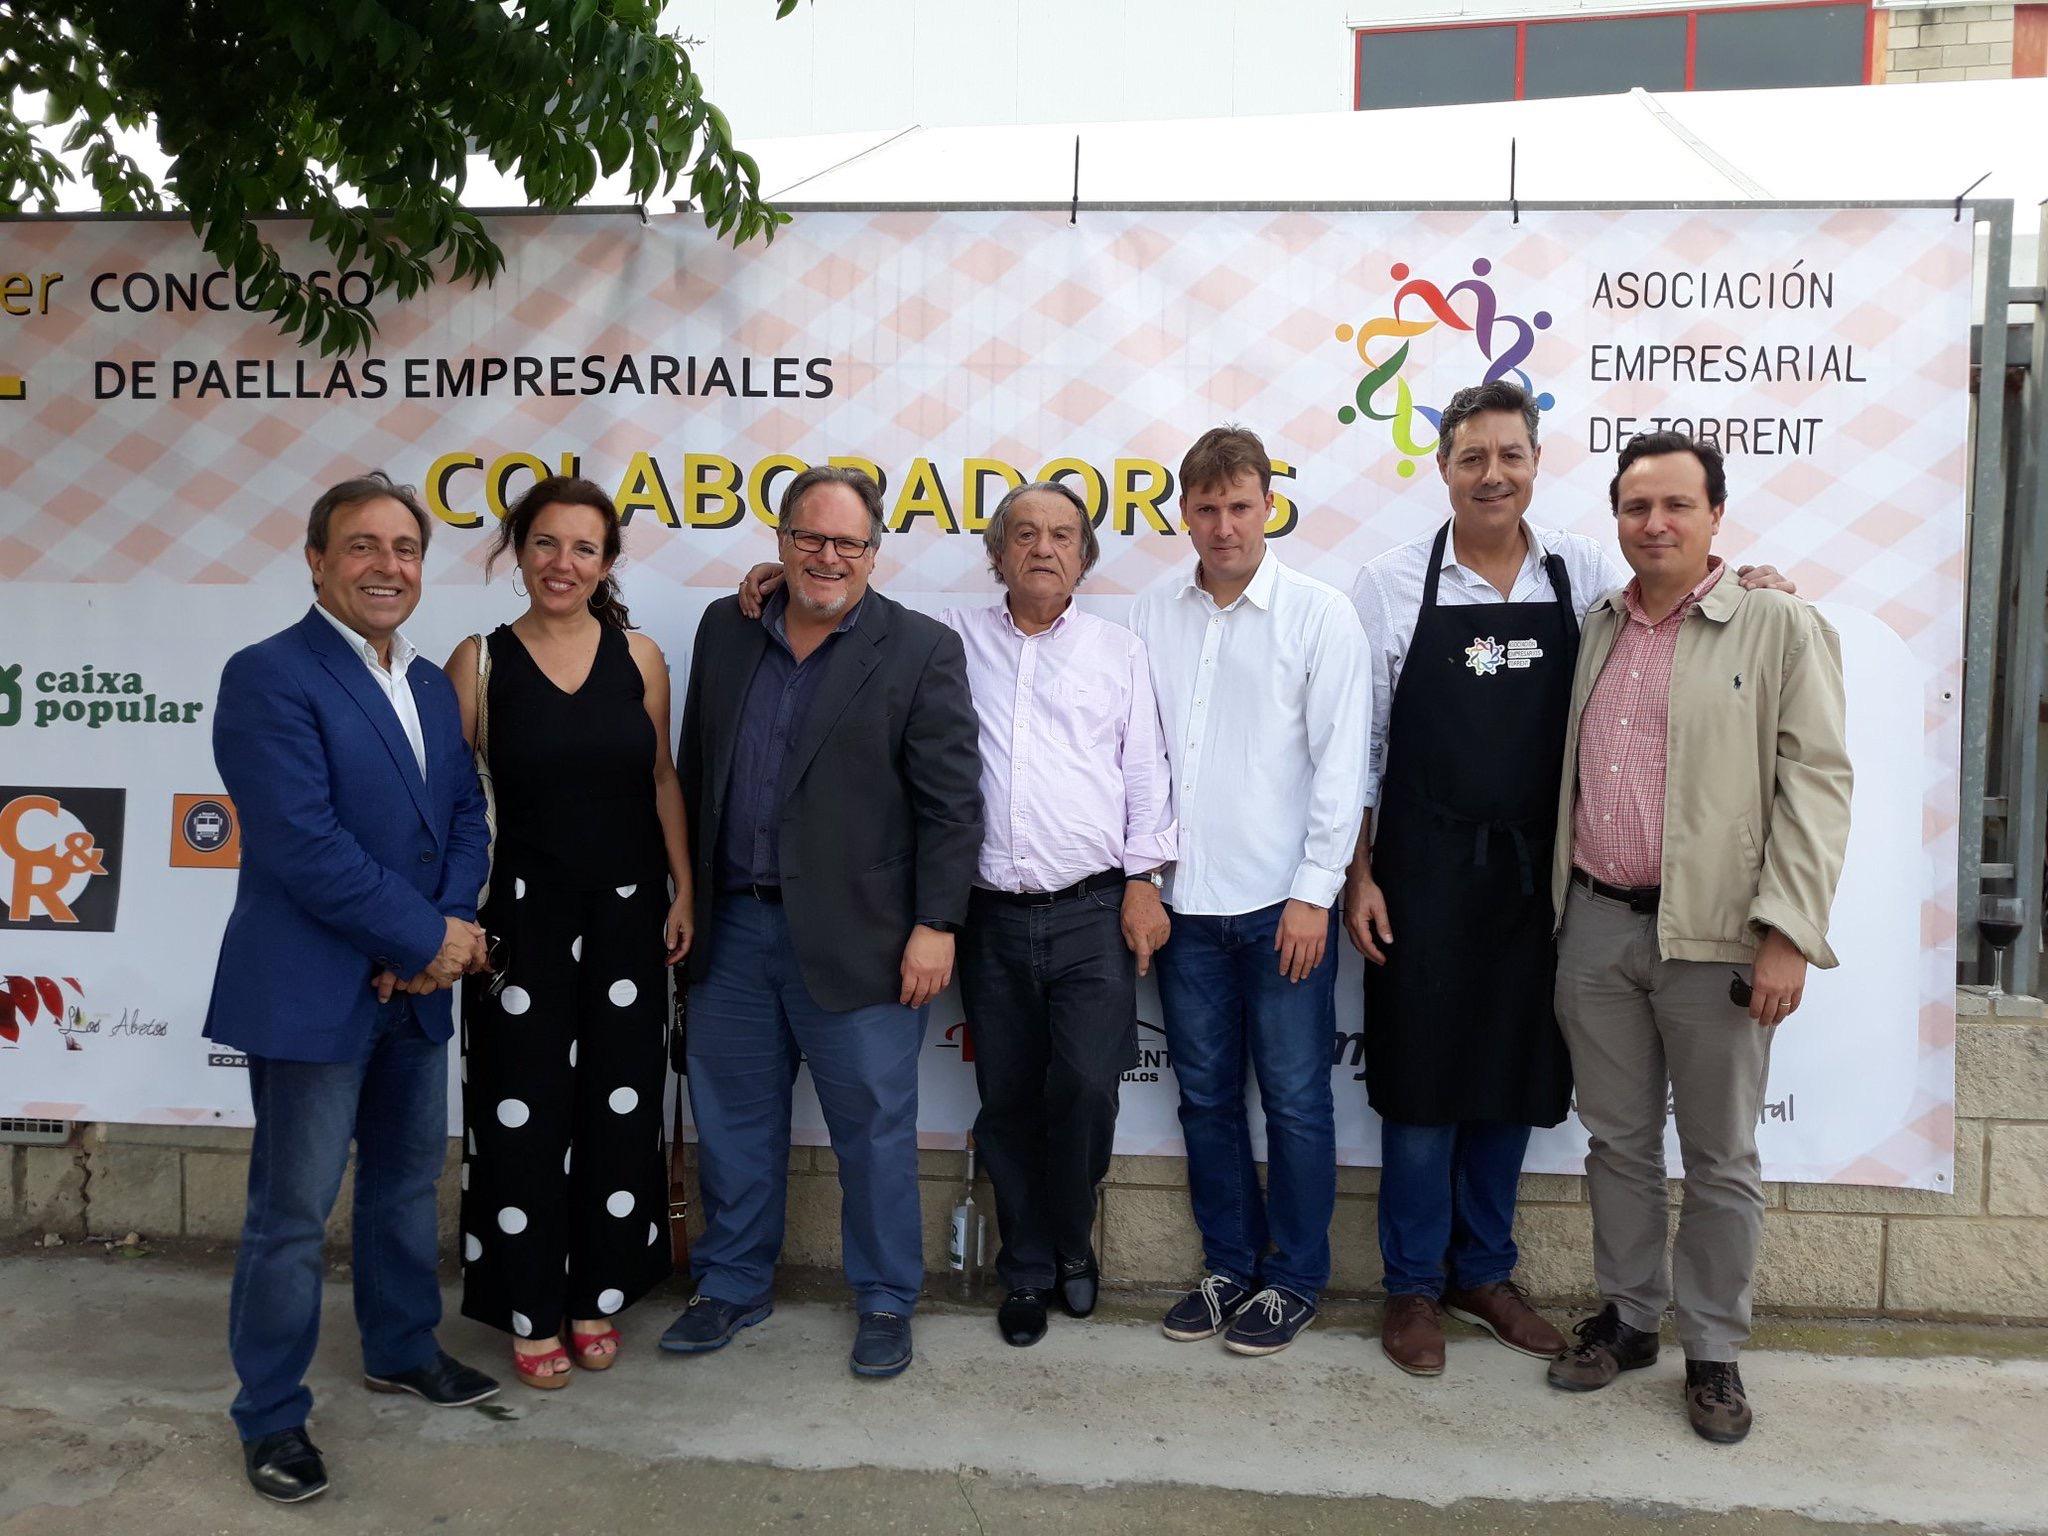 IMG 0984 - I Concurso de Paellas Empresariales ASET